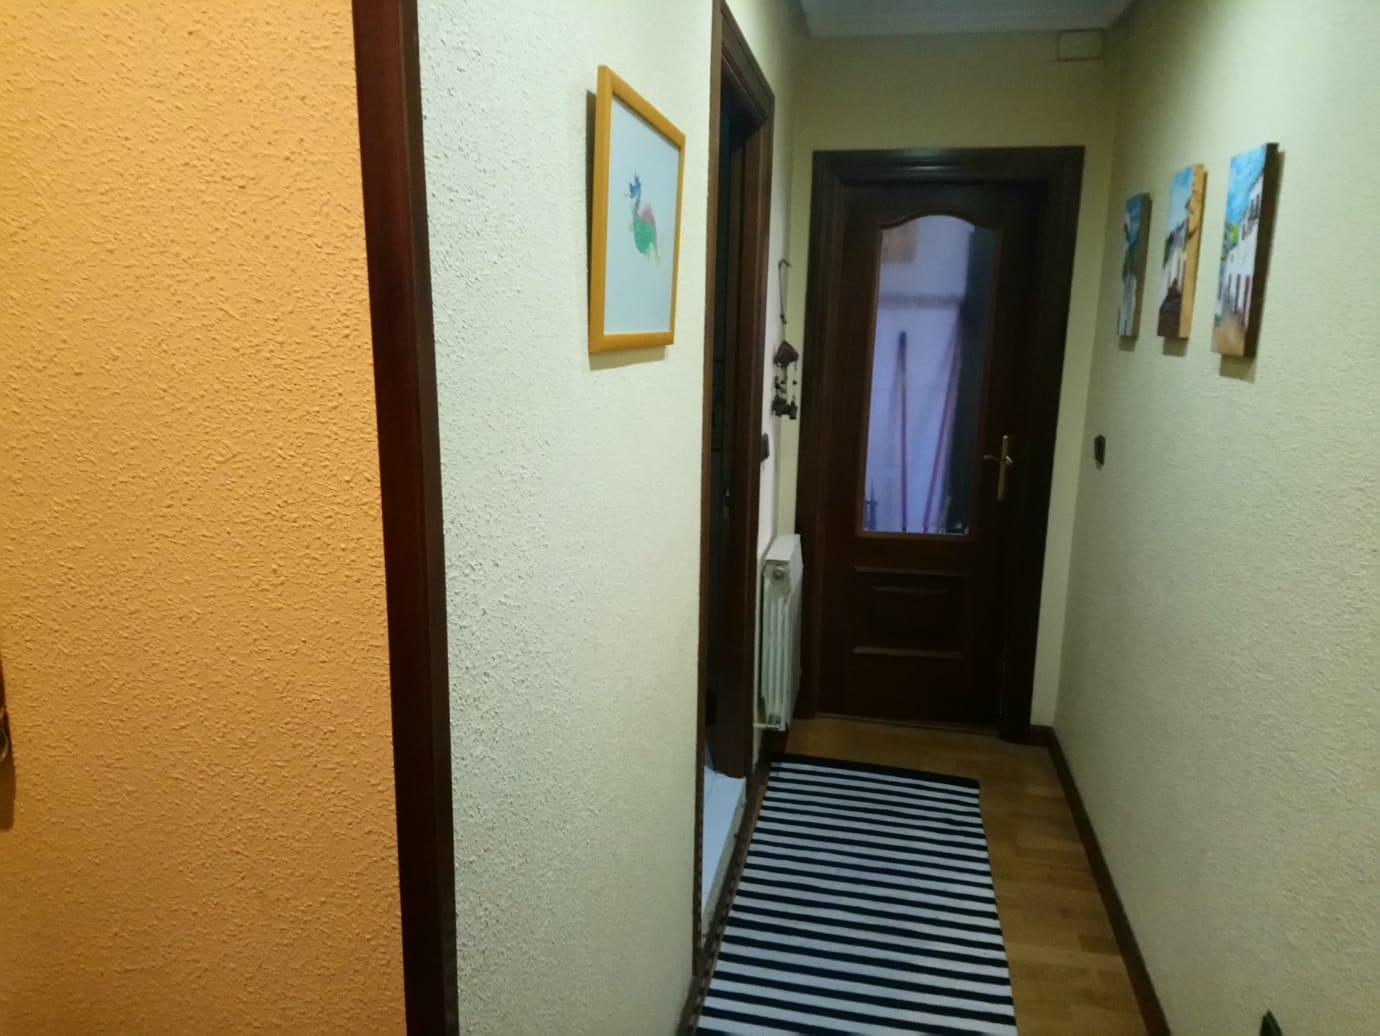 IMPRESIONANTE VIVIENDA EN ALBA DE TORMES (REF: 1-ALB) - foto 25 1b9d9fc5-d314-4862-b1c3-62663b17c45d.jpg